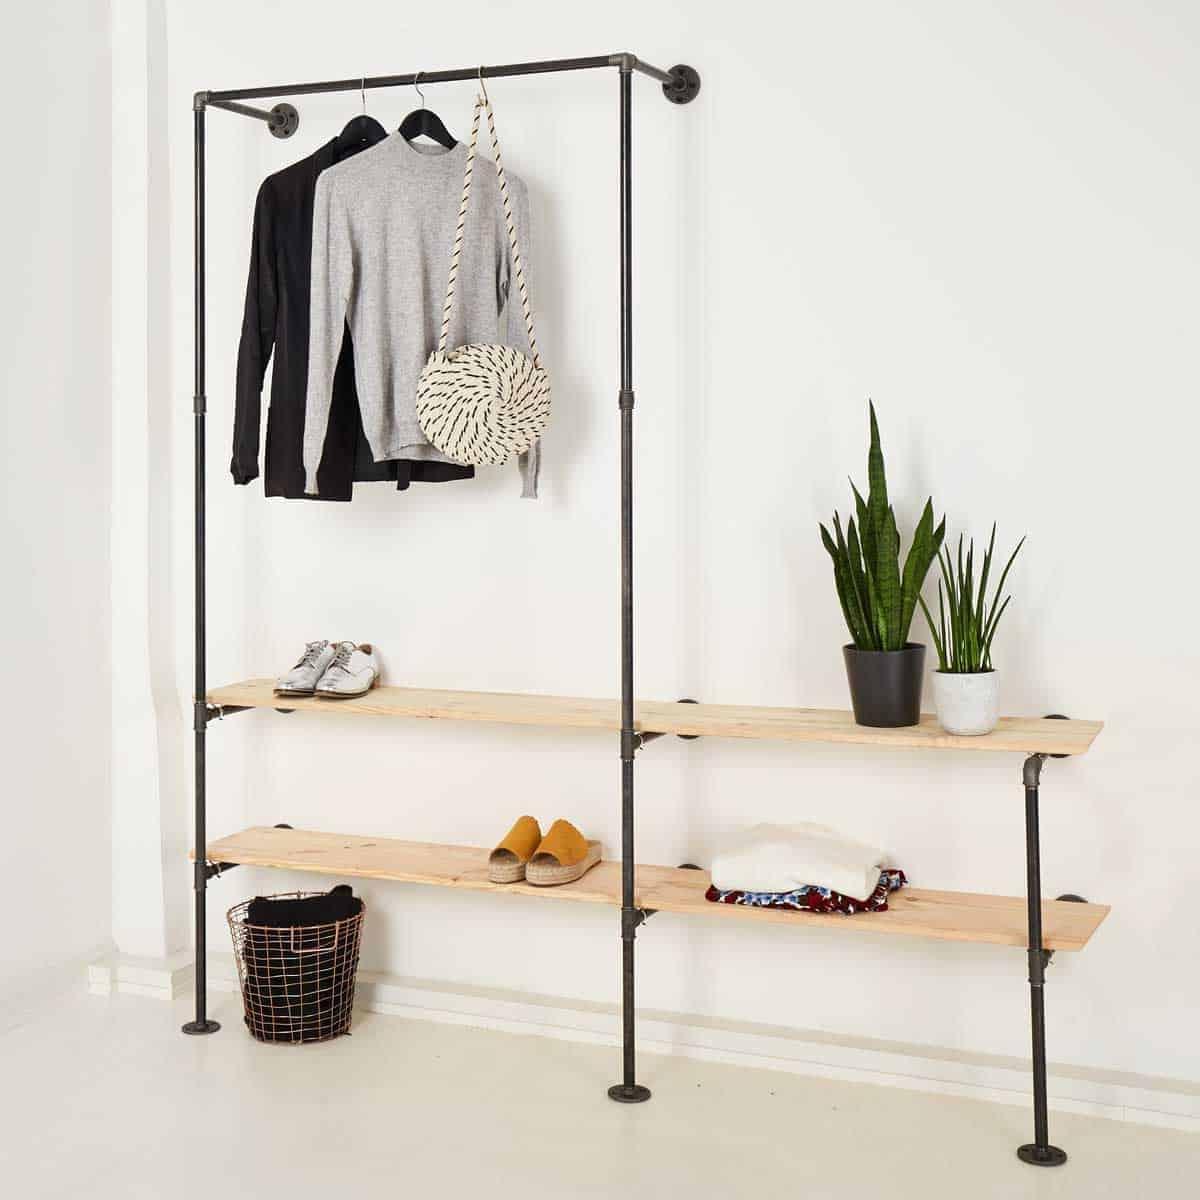 Garderobe Industrial Design Massgefertigt Aus Stahlrohr Online Kaufen